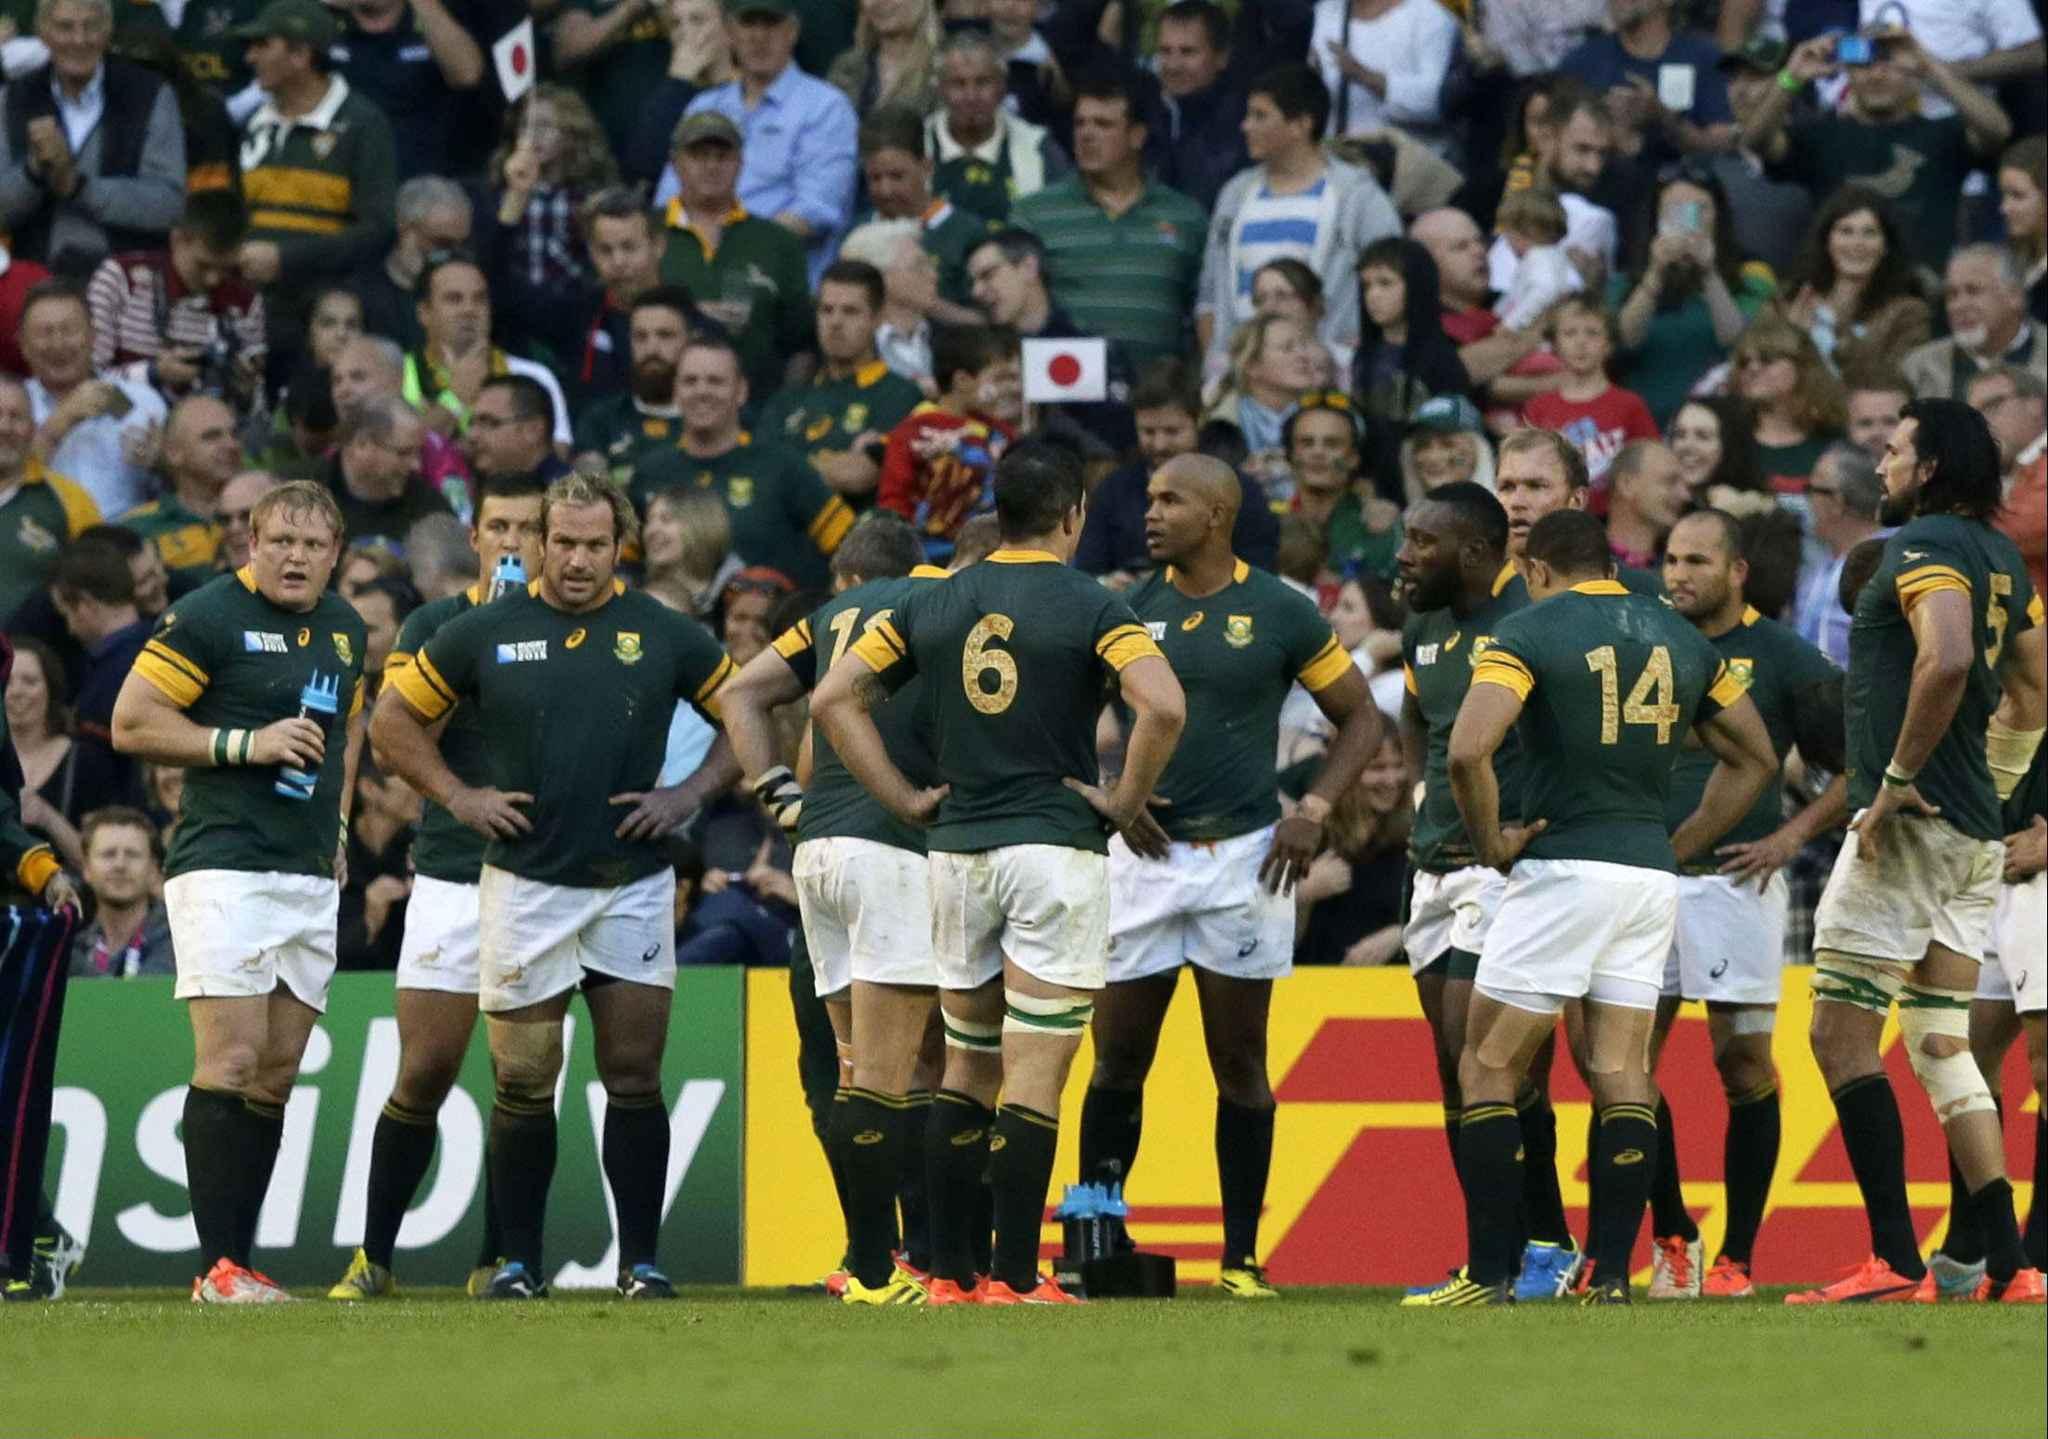 Quipe dafrique du sud de rugby xv - Coupe du monde rugby afrique du sud ...